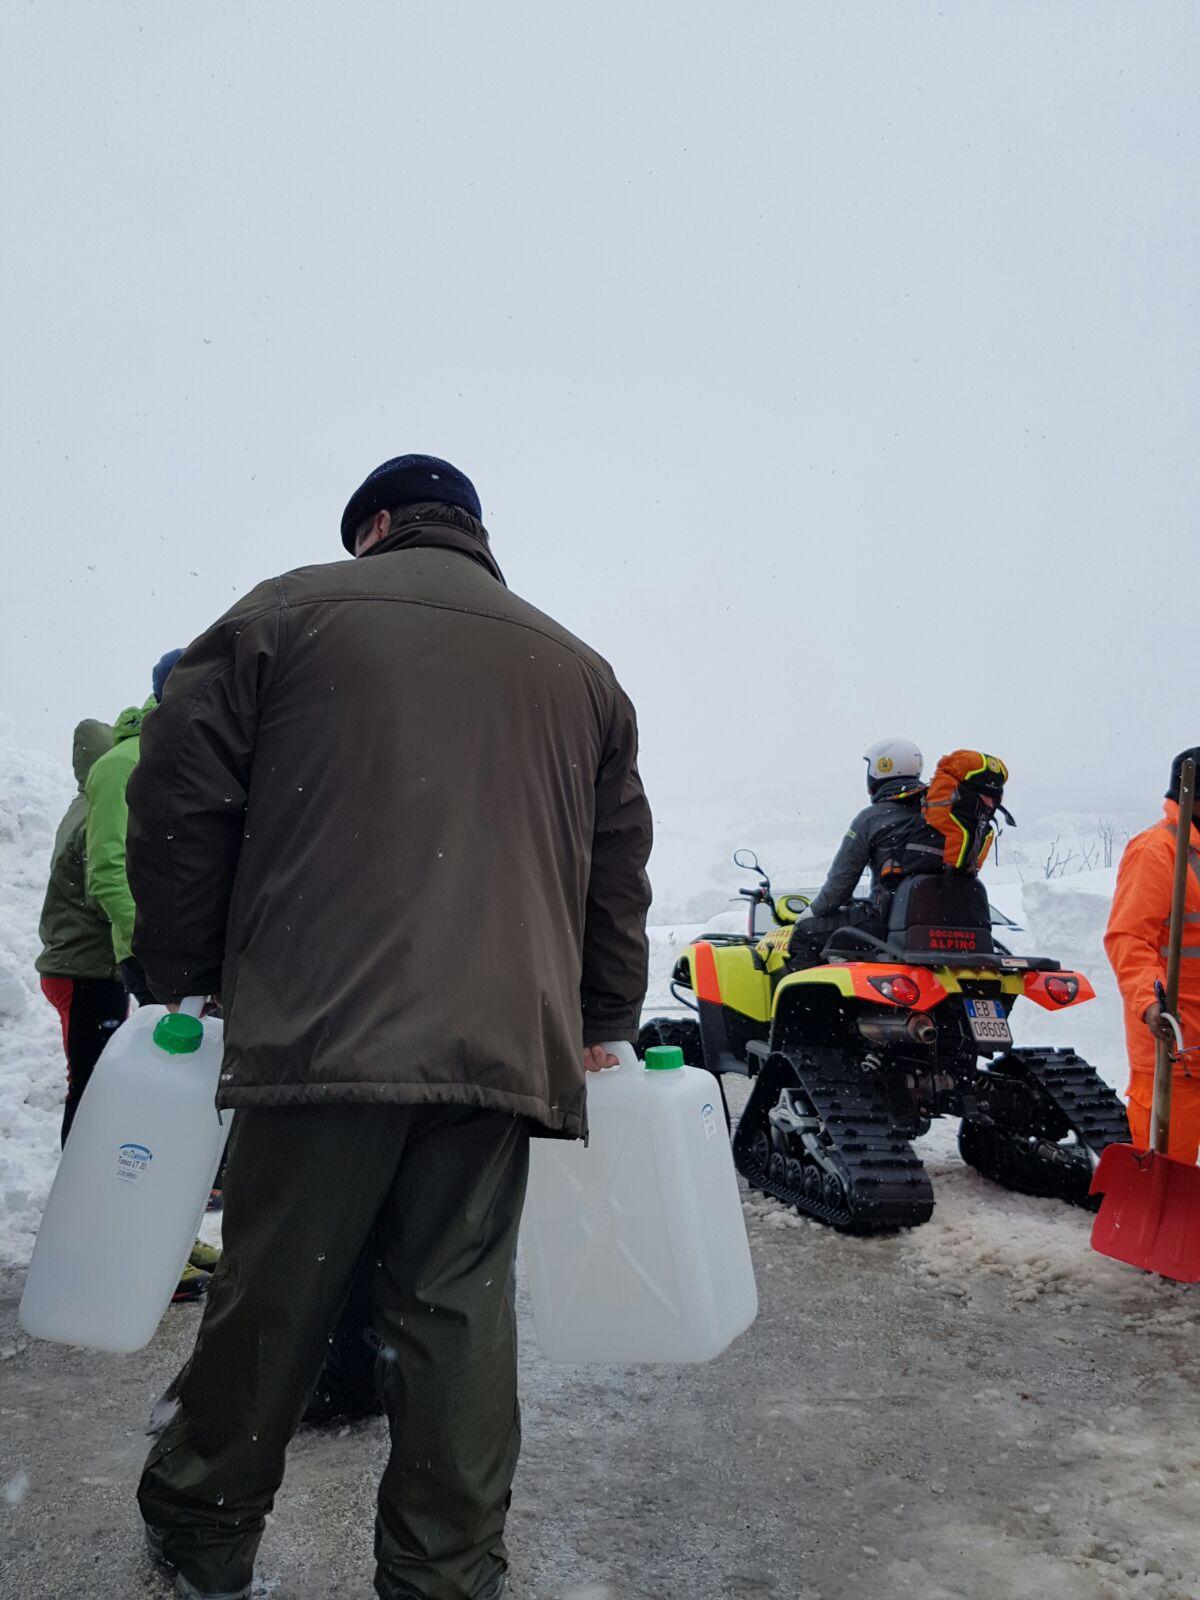 Emergenza neve in Centro Italia: il cuore straordinario dell'Italia che sa aiutare gli altri | Emergency Live 17